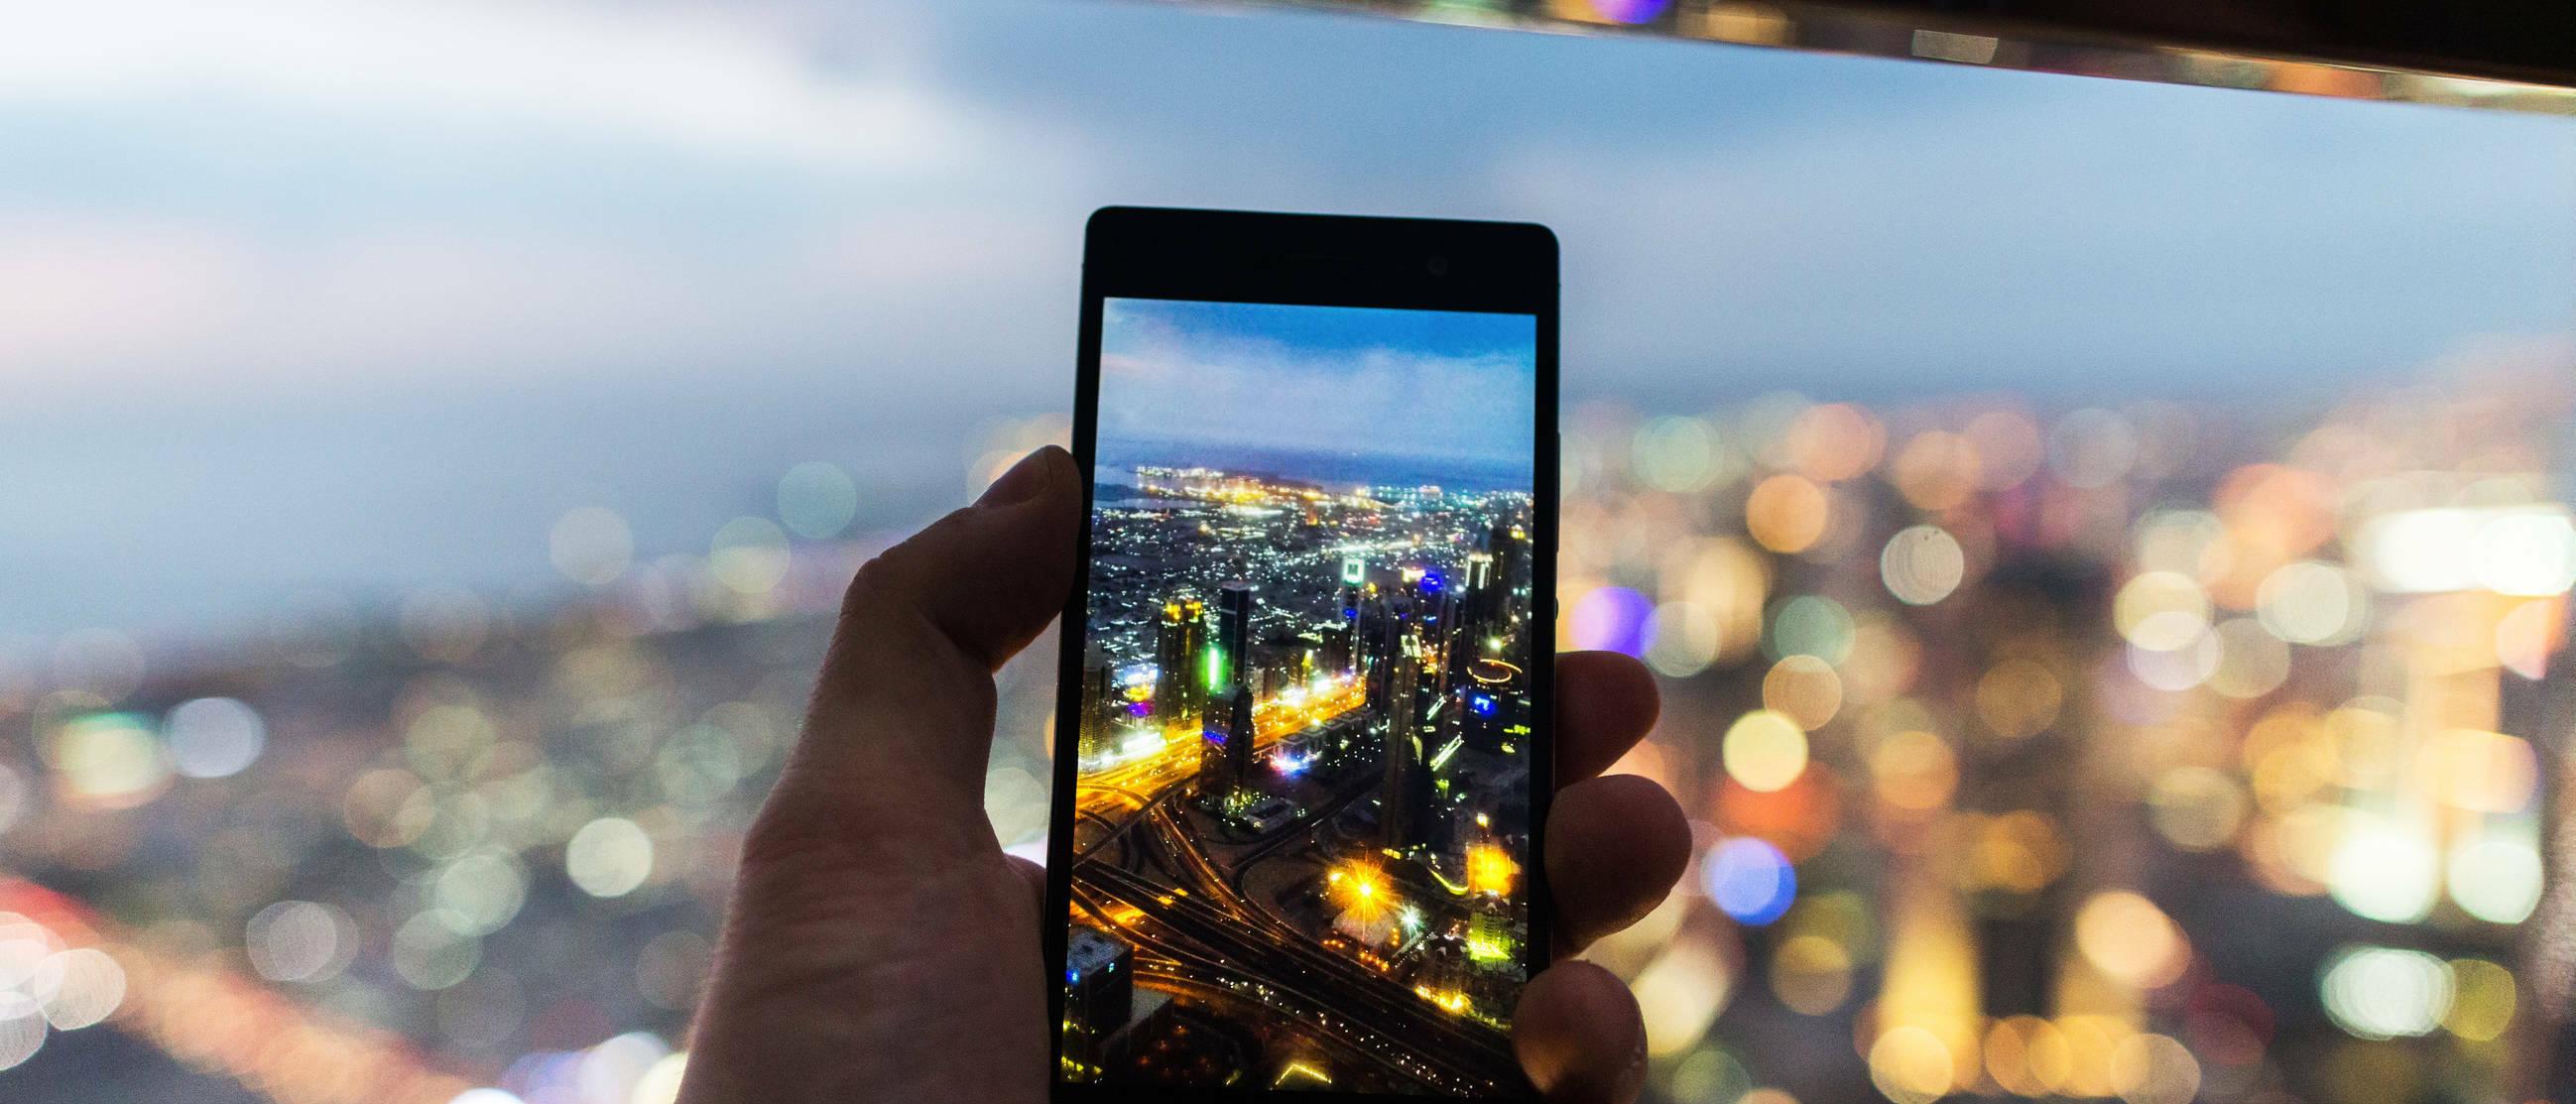 Low-Light Fotografie mit dem Smartphone - Tipps für bessere Bilder bei Dunkelheit